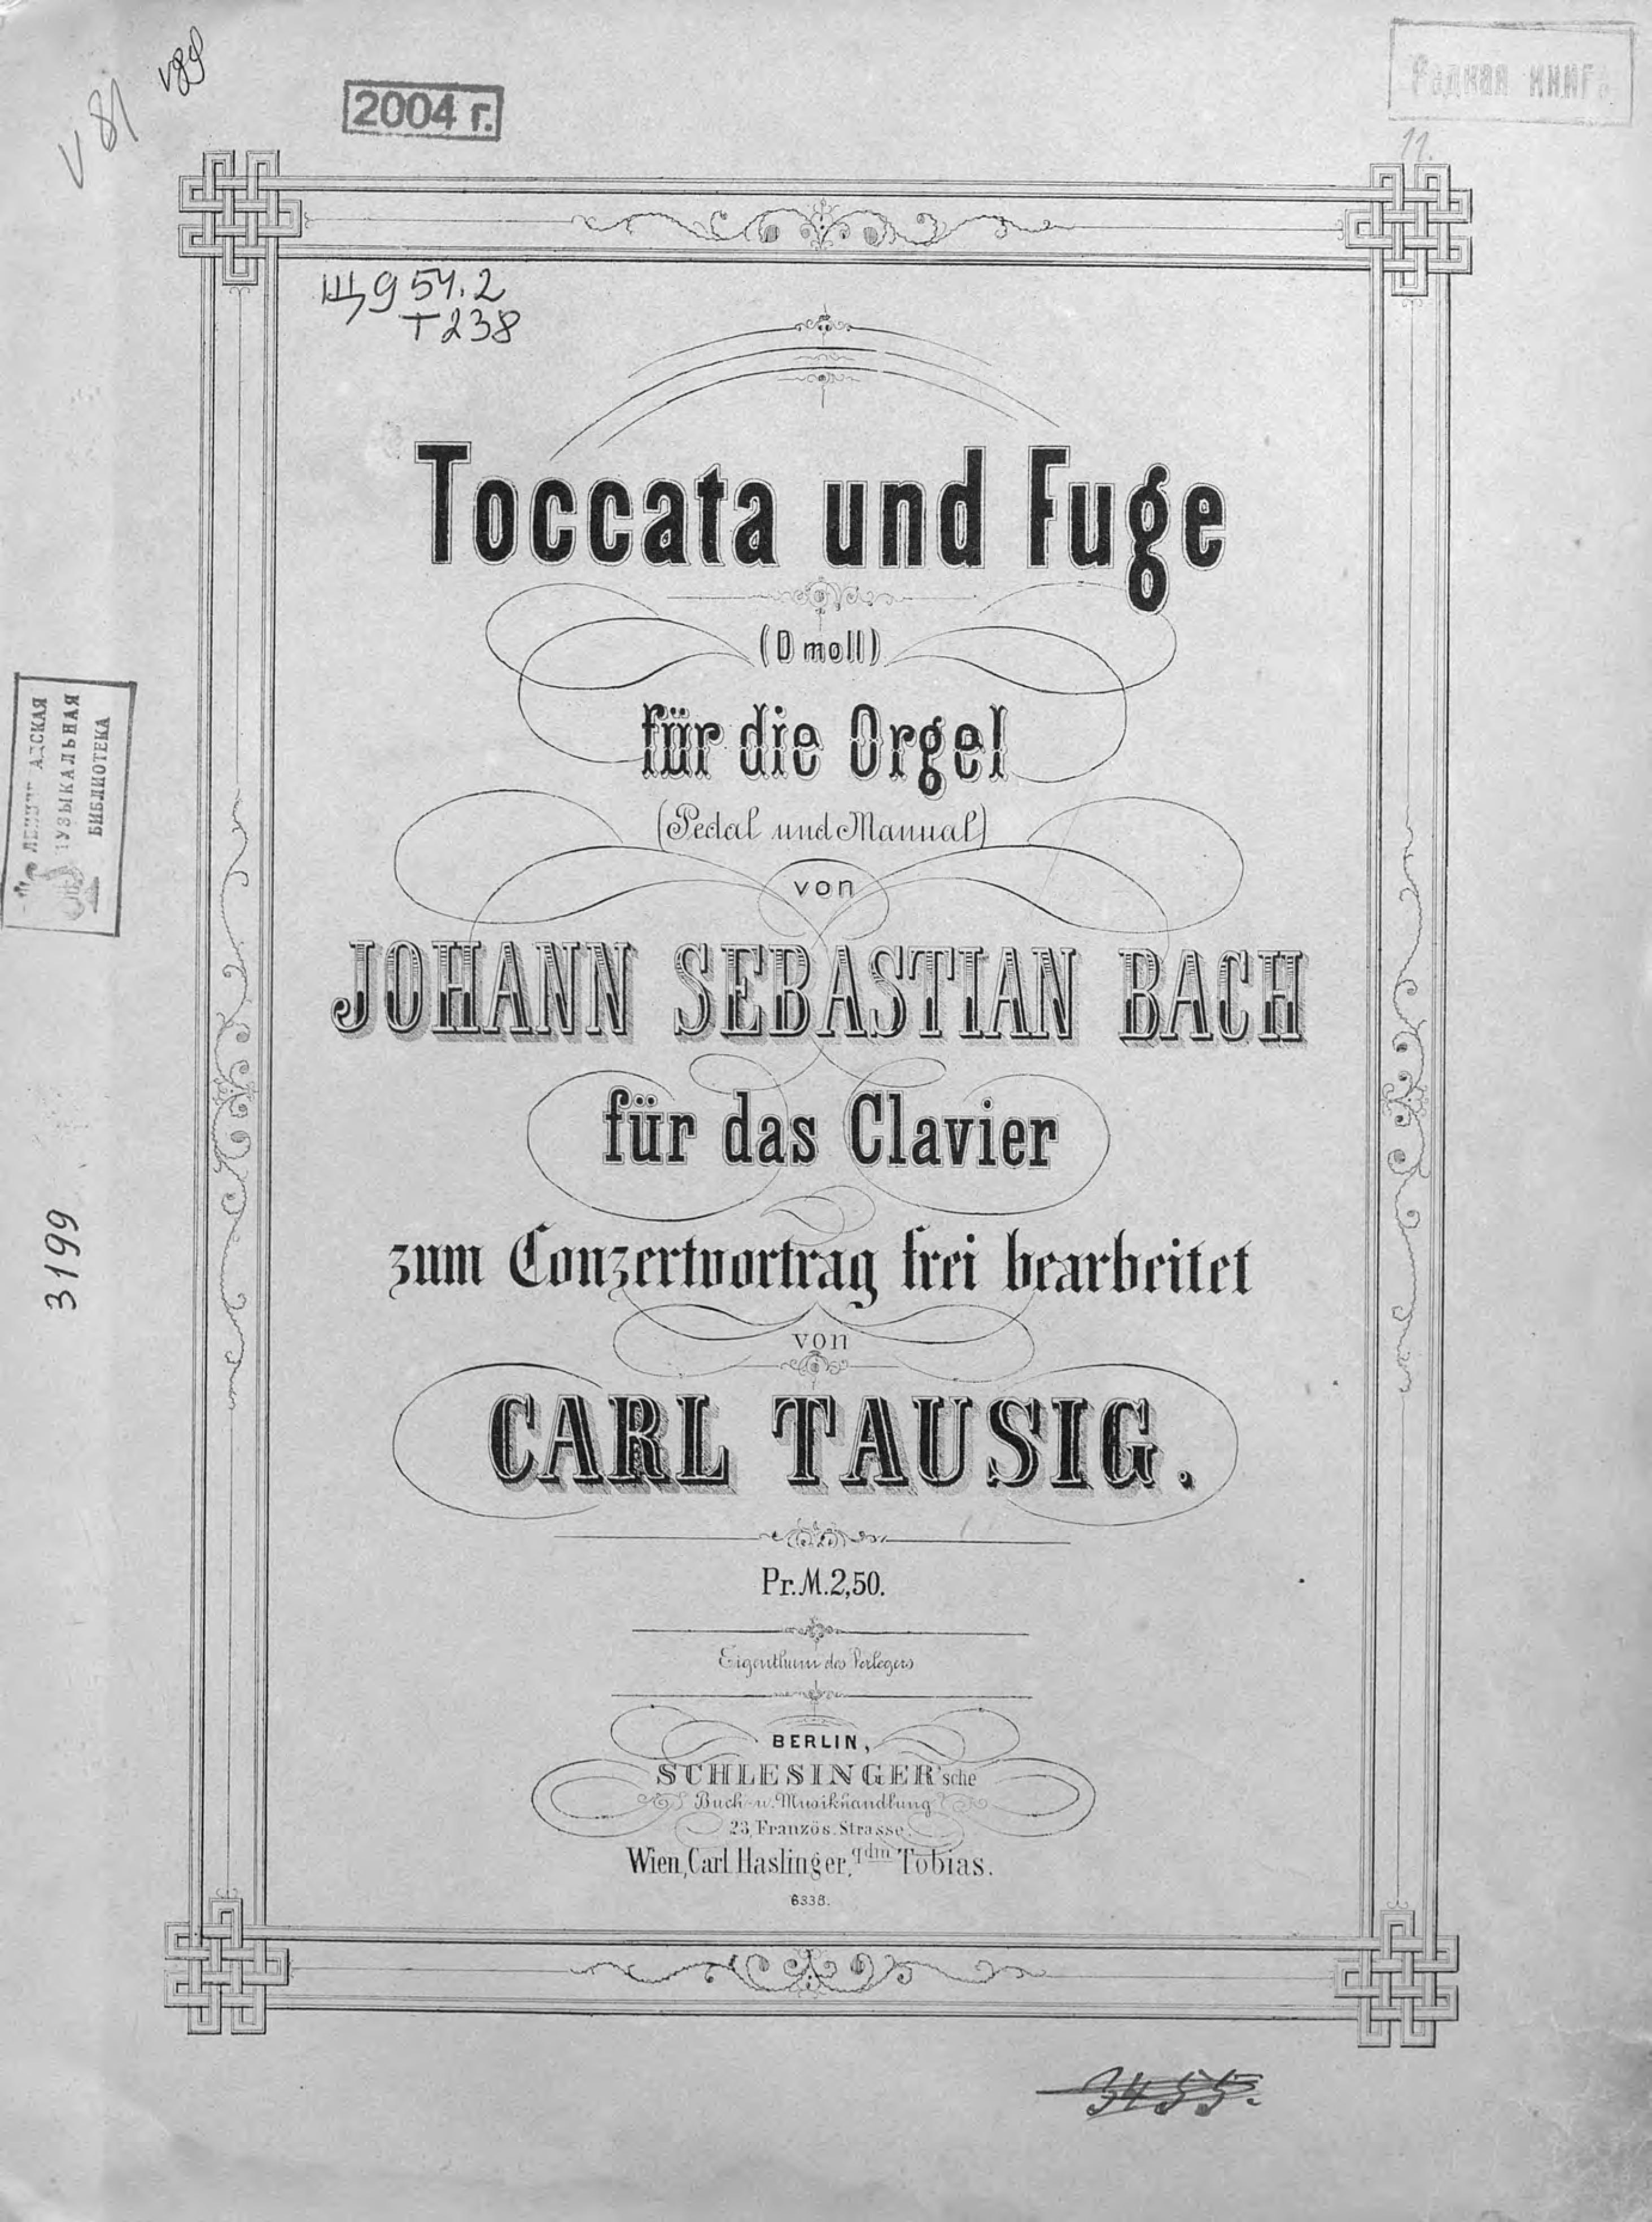 Иоганн Себастьян Бах Toccata und Fuge (D-moll) fur die Orgel v. Jogann Sebastian Bach d behrens zeitschrift fur franzosische sprache und literatur vol 34 abhandlungen classic reprint